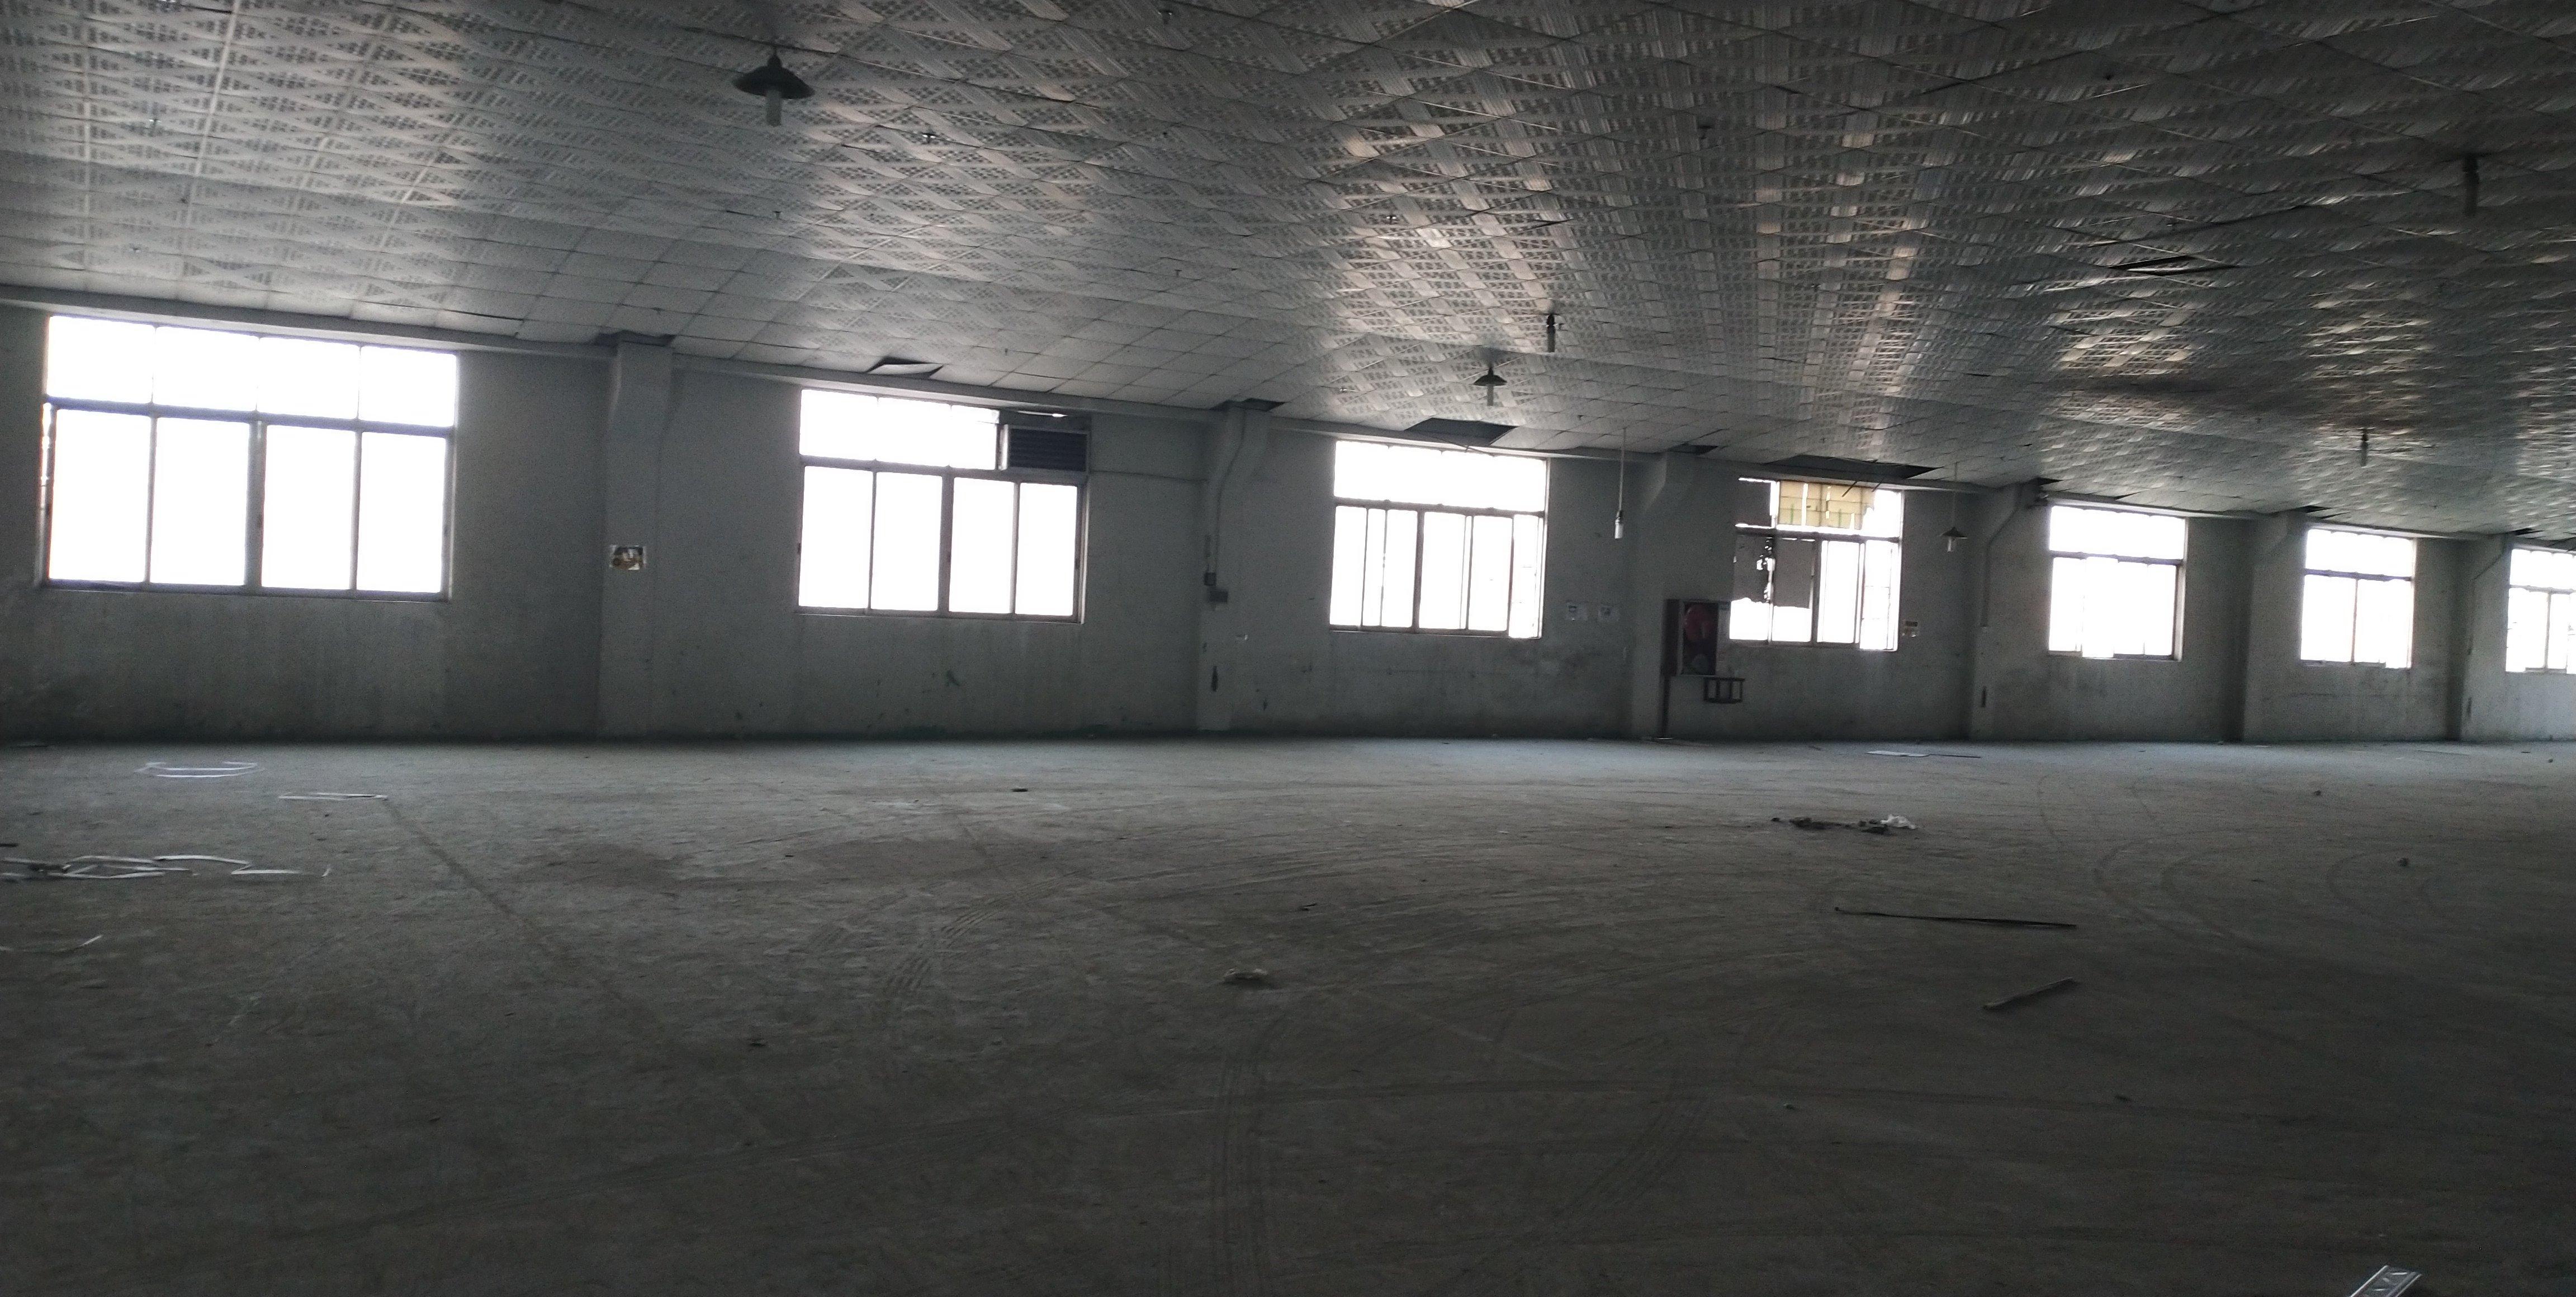 佛山市顺德区容桂工业区单层铁皮厂房适合仓库厂房